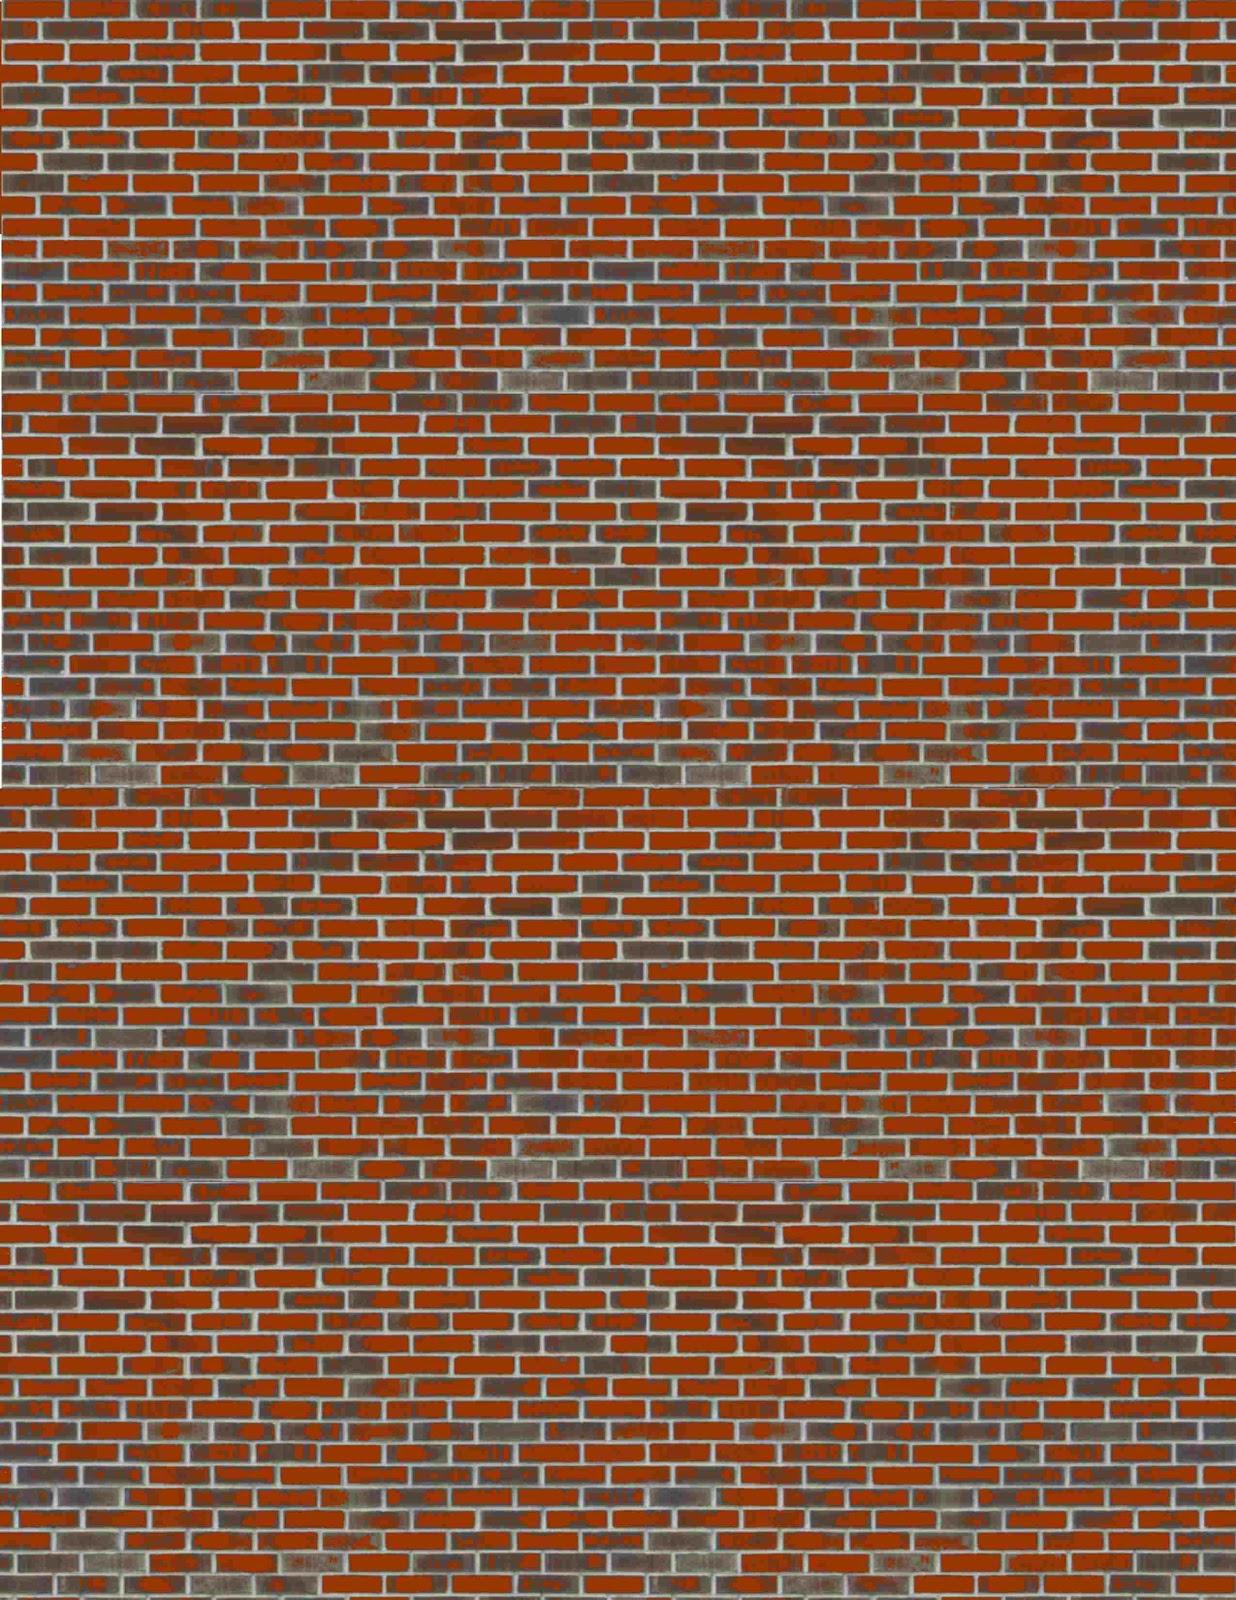 Brick Box Image Wall Patterns